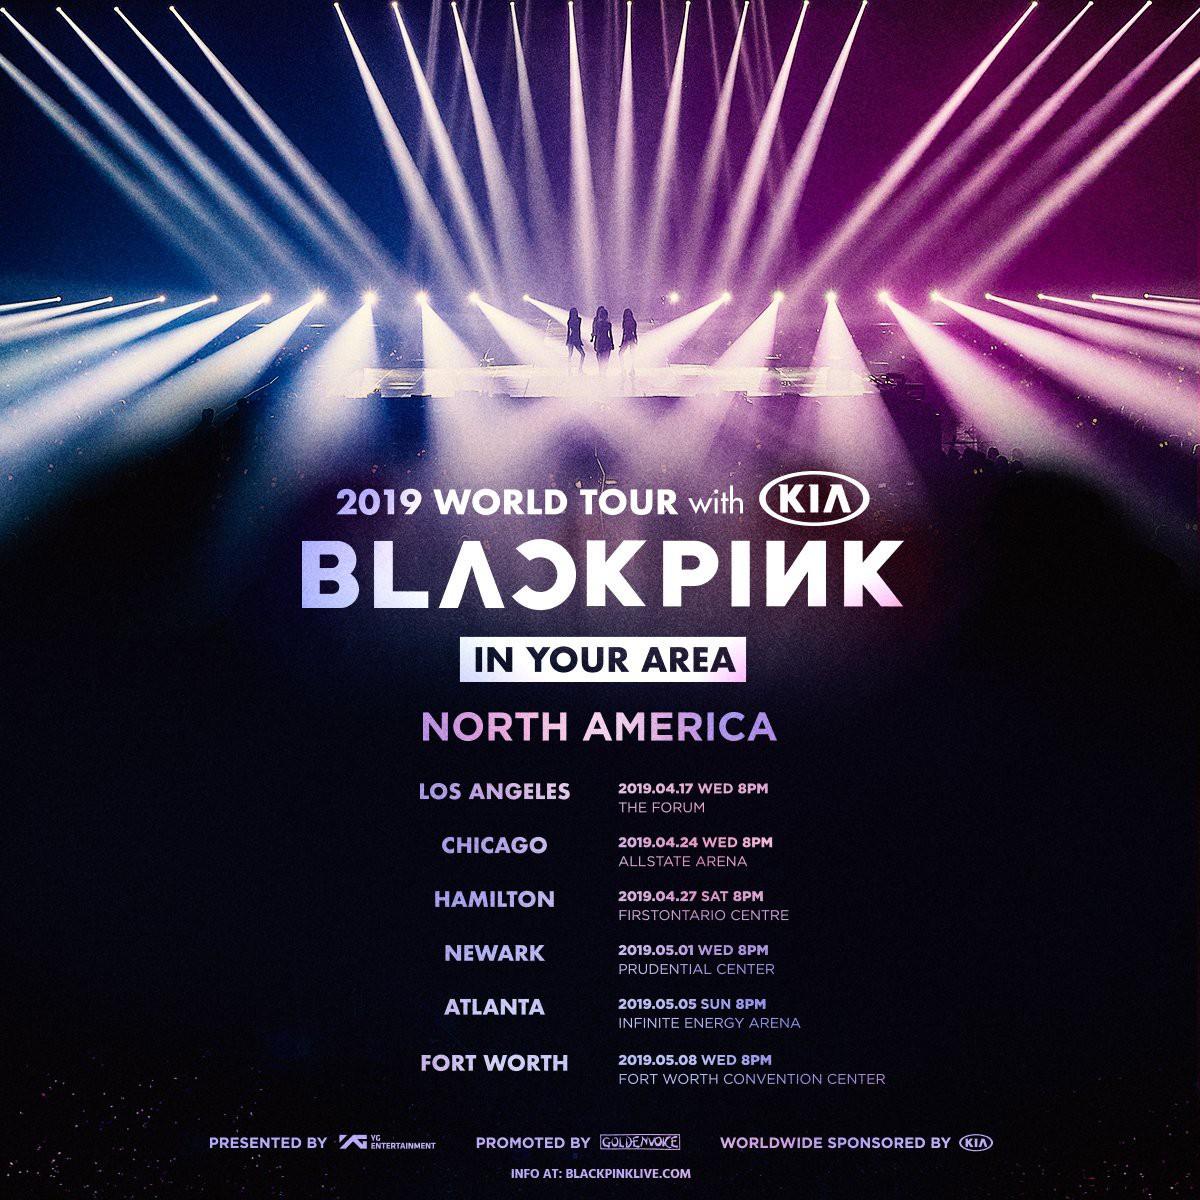 Tour diễn Bắc Mỹ của BLACKPINK kết thúc: Dấu ấn đẳng cấp của một girlgroup hàng đầu Kpop hay nỗi thất vọng của fan quốc tế? - Ảnh 1.